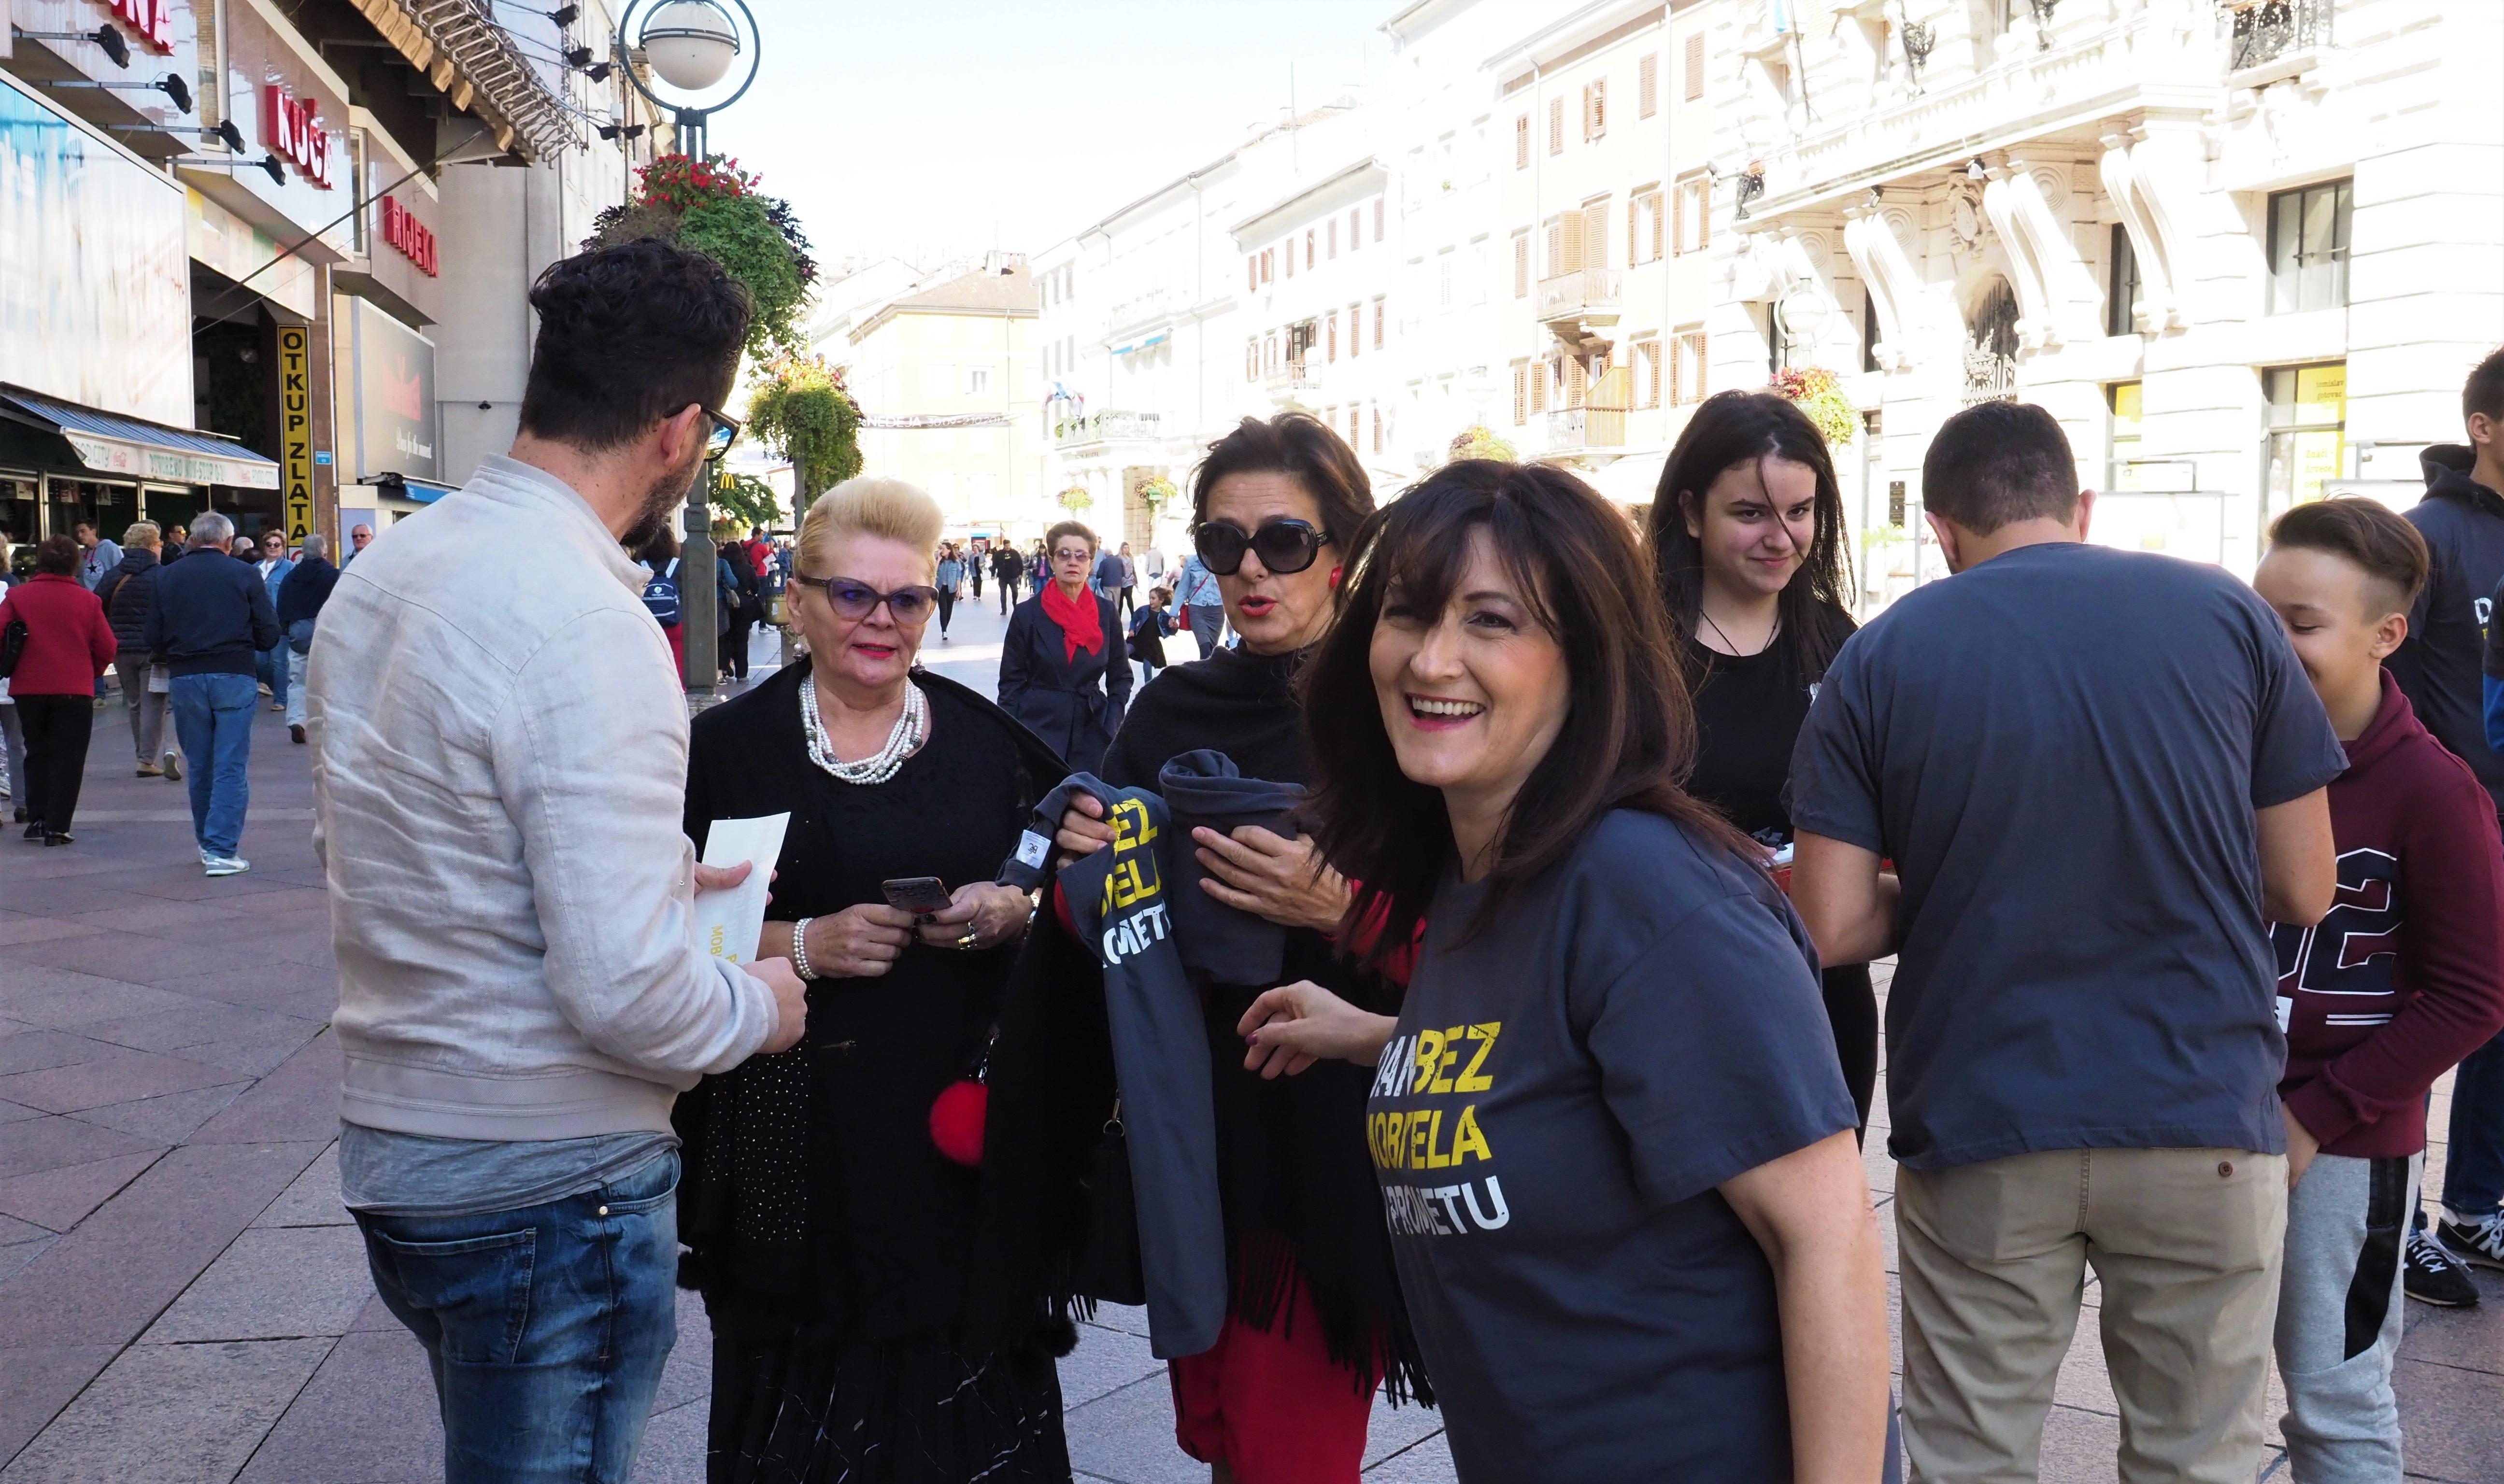 Renata Ivanović, dan bez mobitela u prometu, Rijeka, mobitel, aplikacija, promet, prometne nesreće